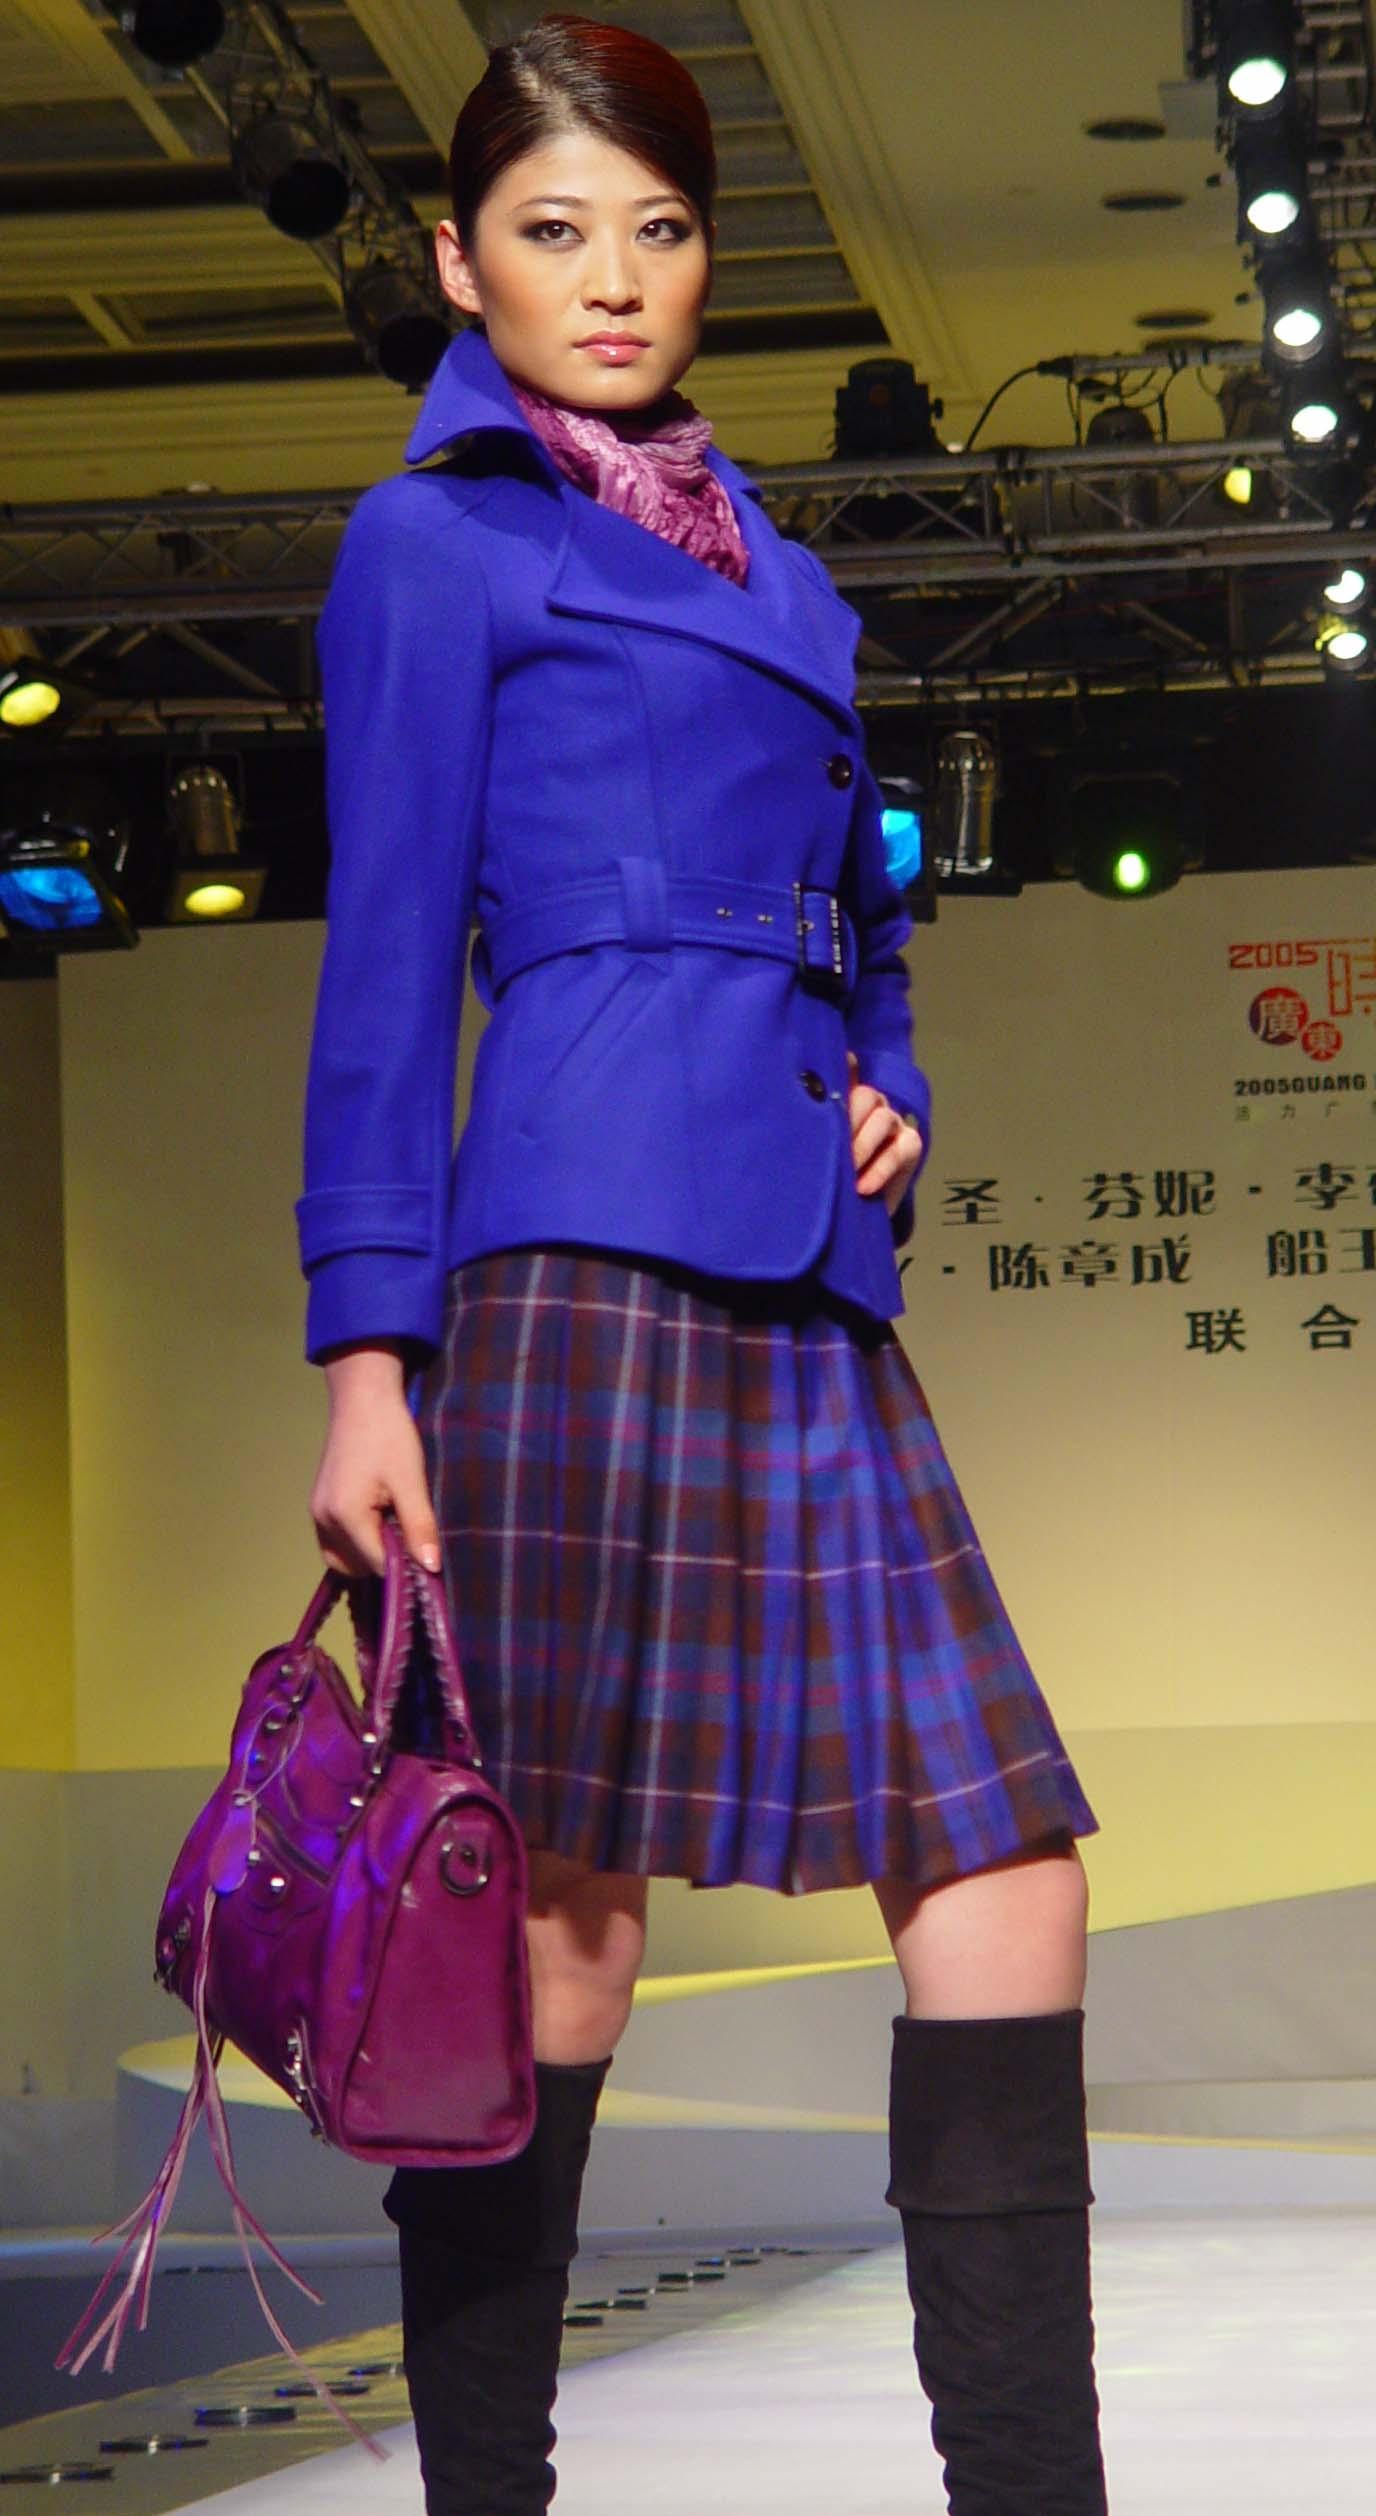 服装设计师网_深圳市服装设计师网-服装职业资格认证